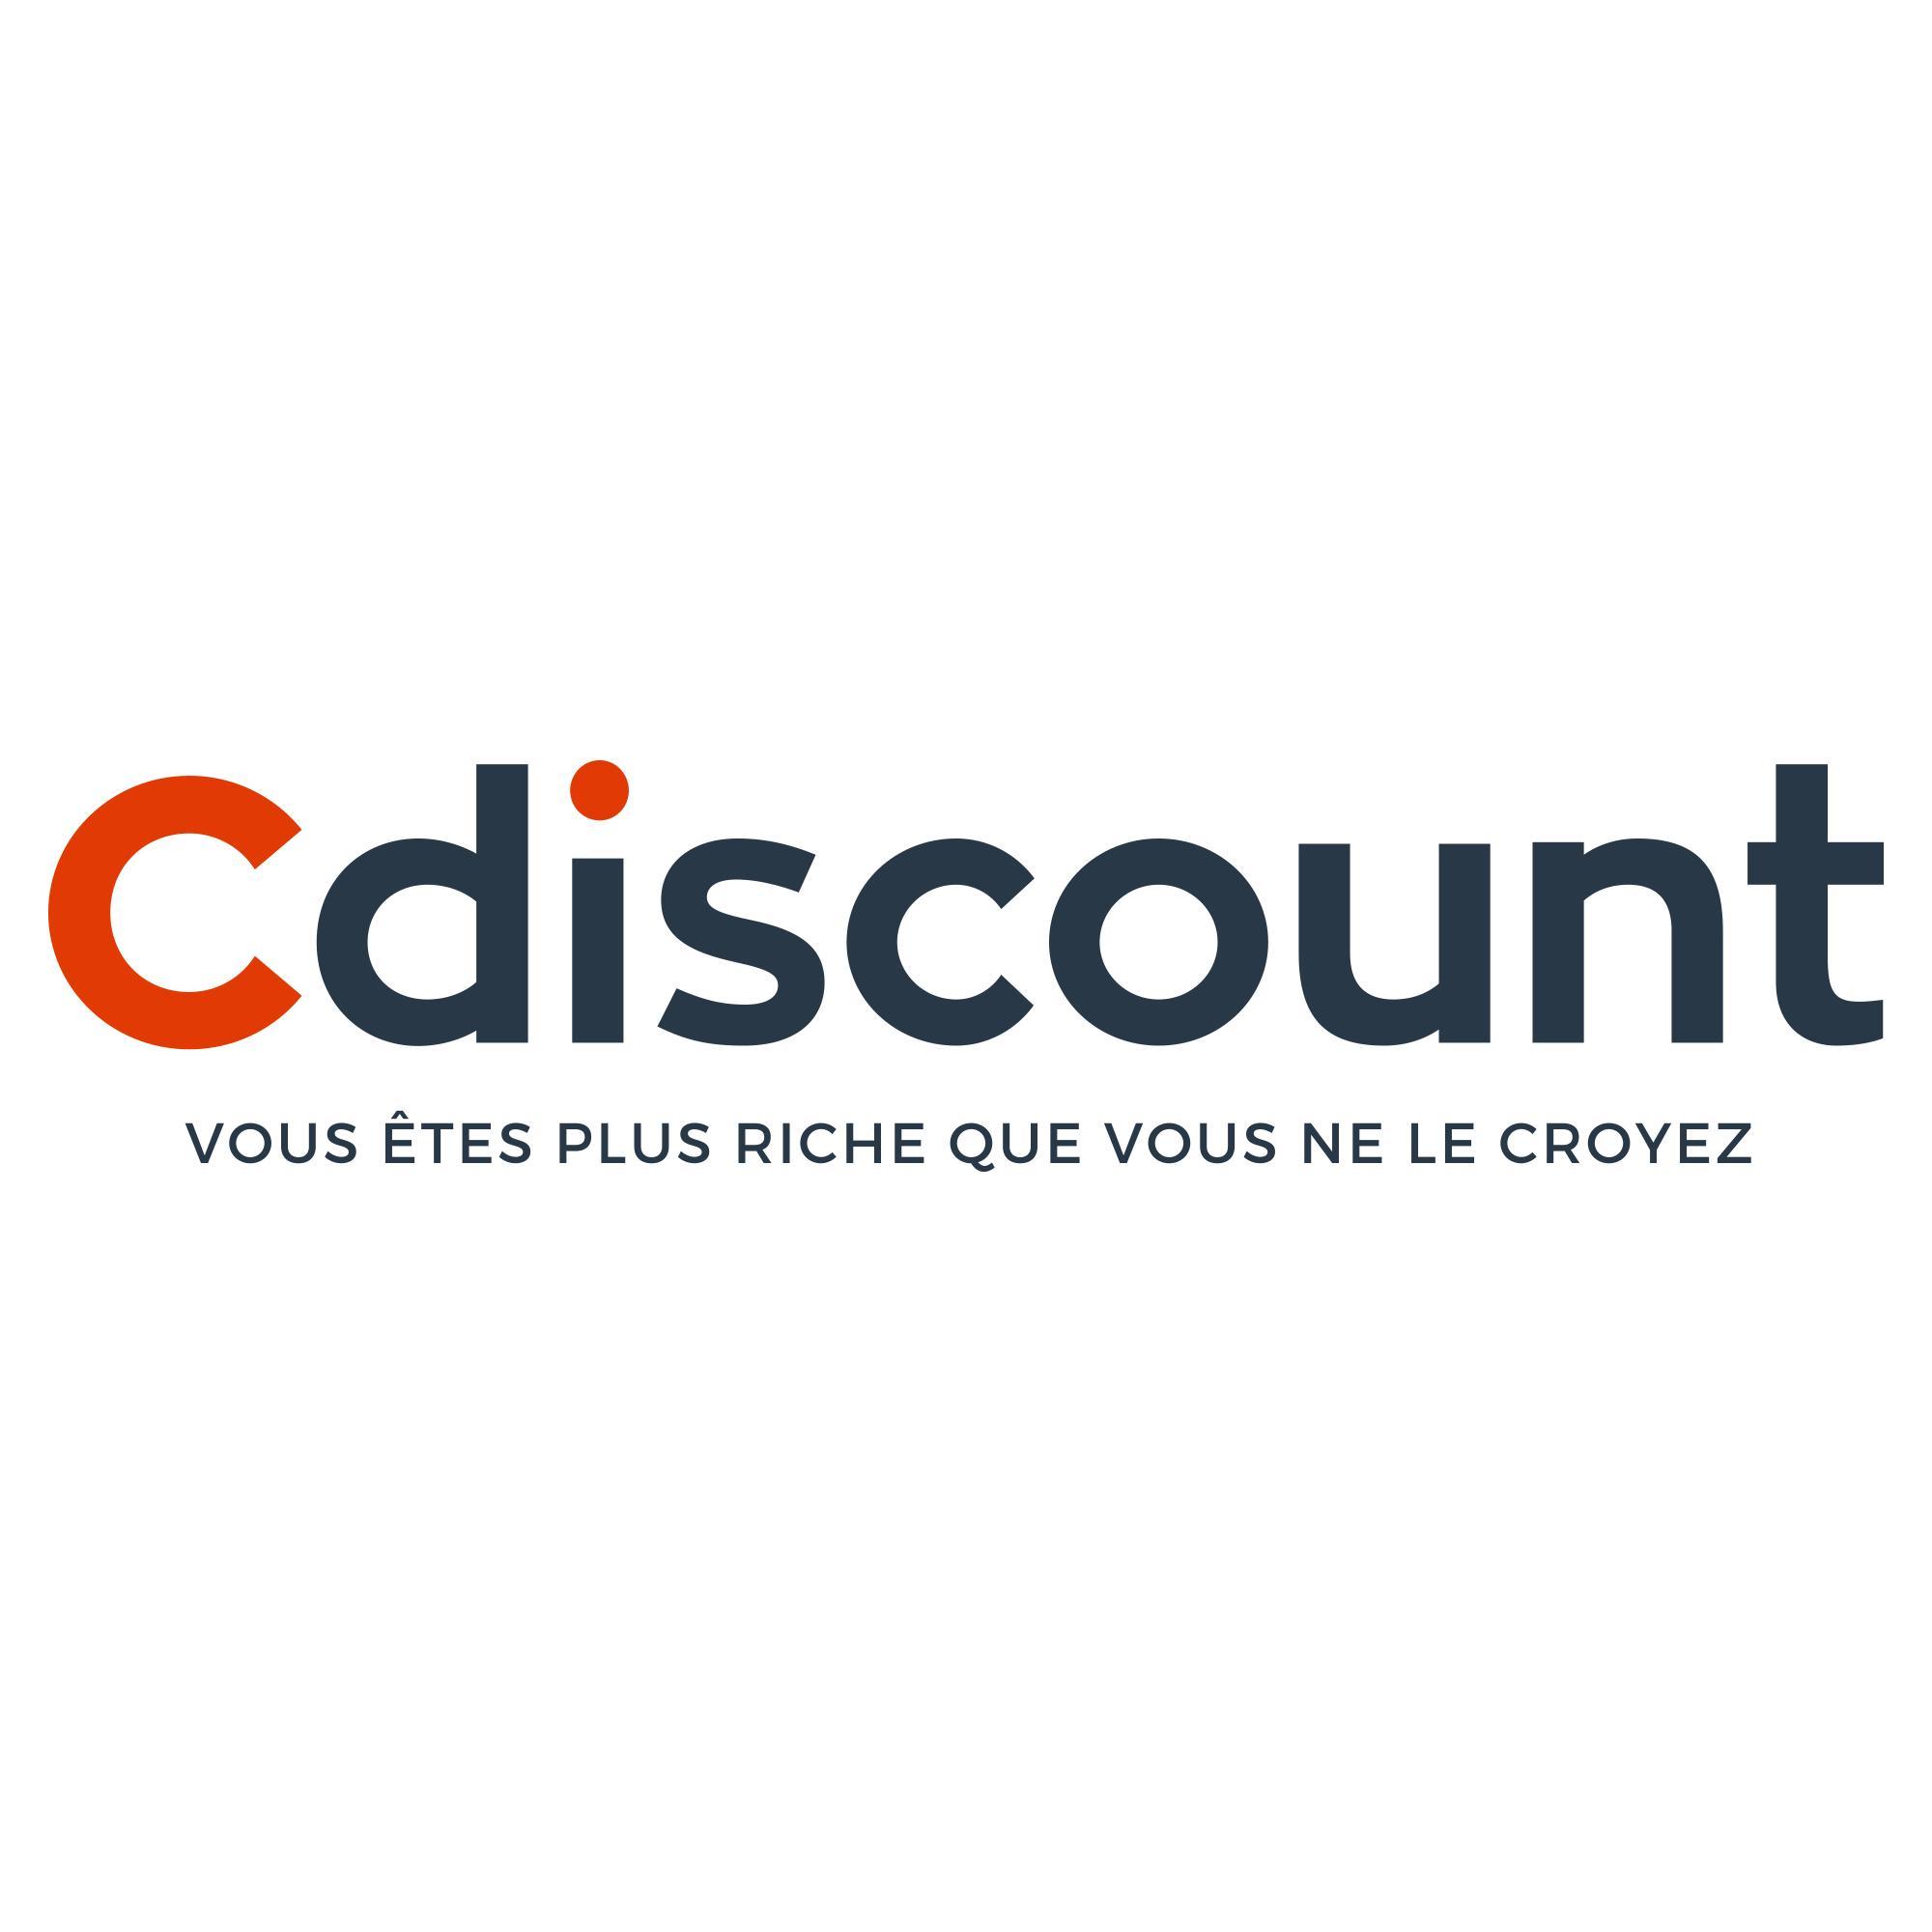 [Cdiscount à volonté] 50€ de réduction dès 399€ d'achat sur tout le site